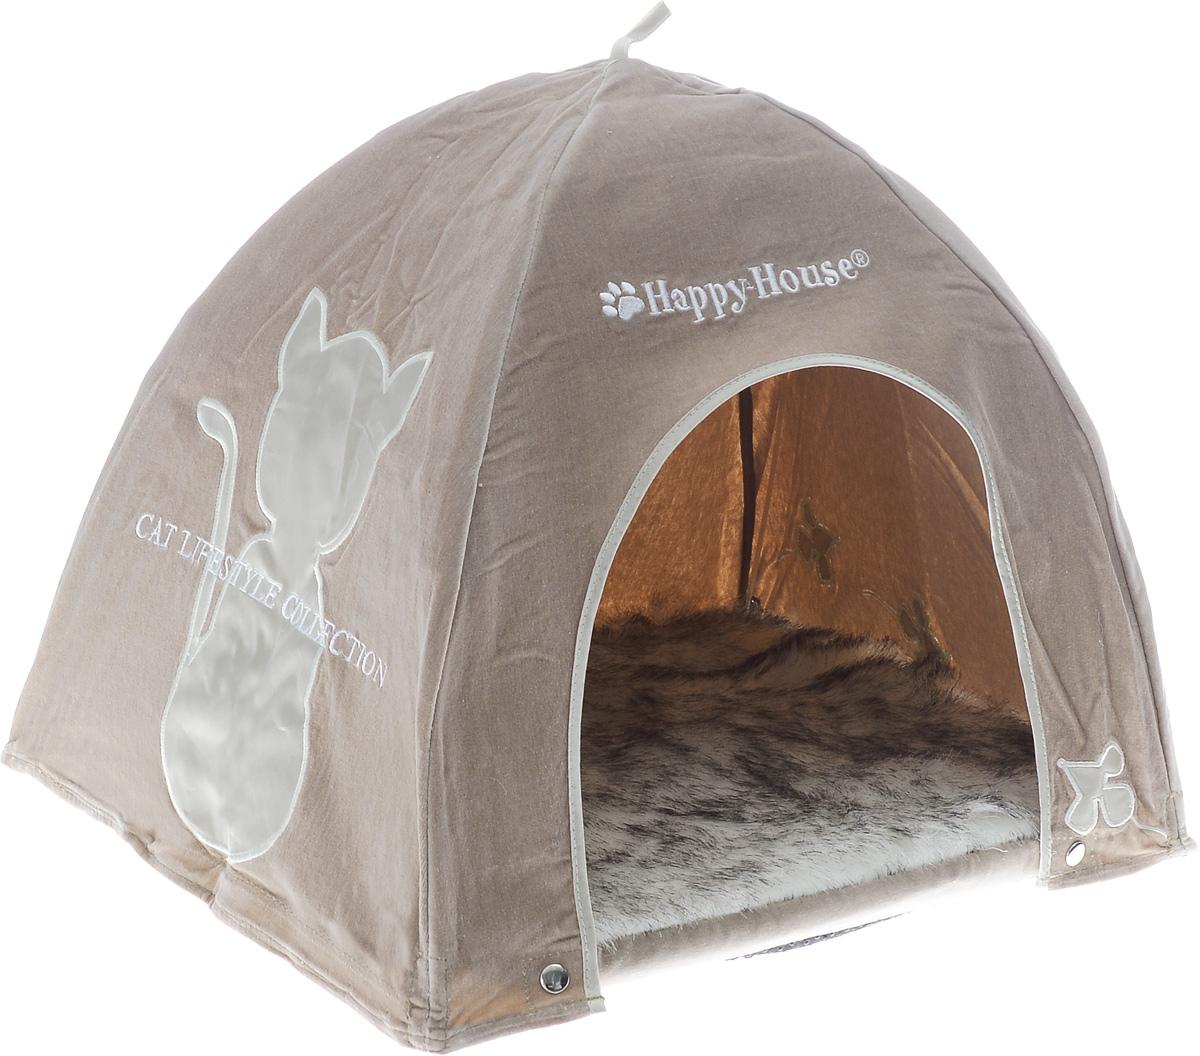 Домик для кошек Happy House Cat Lifestyle, цвет: серо-коричневый, 41 х 41 х 39 см8418-2Домик Happy House Cat Lifestyle обязательно понравится вашему питомцу. Изделие выполнено из полиэстера в виде палатки. Домик очень удобный и уютный, с маленьким проемом, куда ваш любимец обязательно захочет забраться. Верх мягкой съемной подстилки выполнен из искусственного меха. Встроенный гибкий каркас позволяет просто собирать и разбирать домик, облегчая транспортировку и хранение. Домик крепится к подстилке при помощи липучек и кнопок. Компактные размеры позволят поместить изделие, где угодно и станет оригинальным дополнением любого интерьера. Домик оснащен петлей, за которую его можно подвесить.